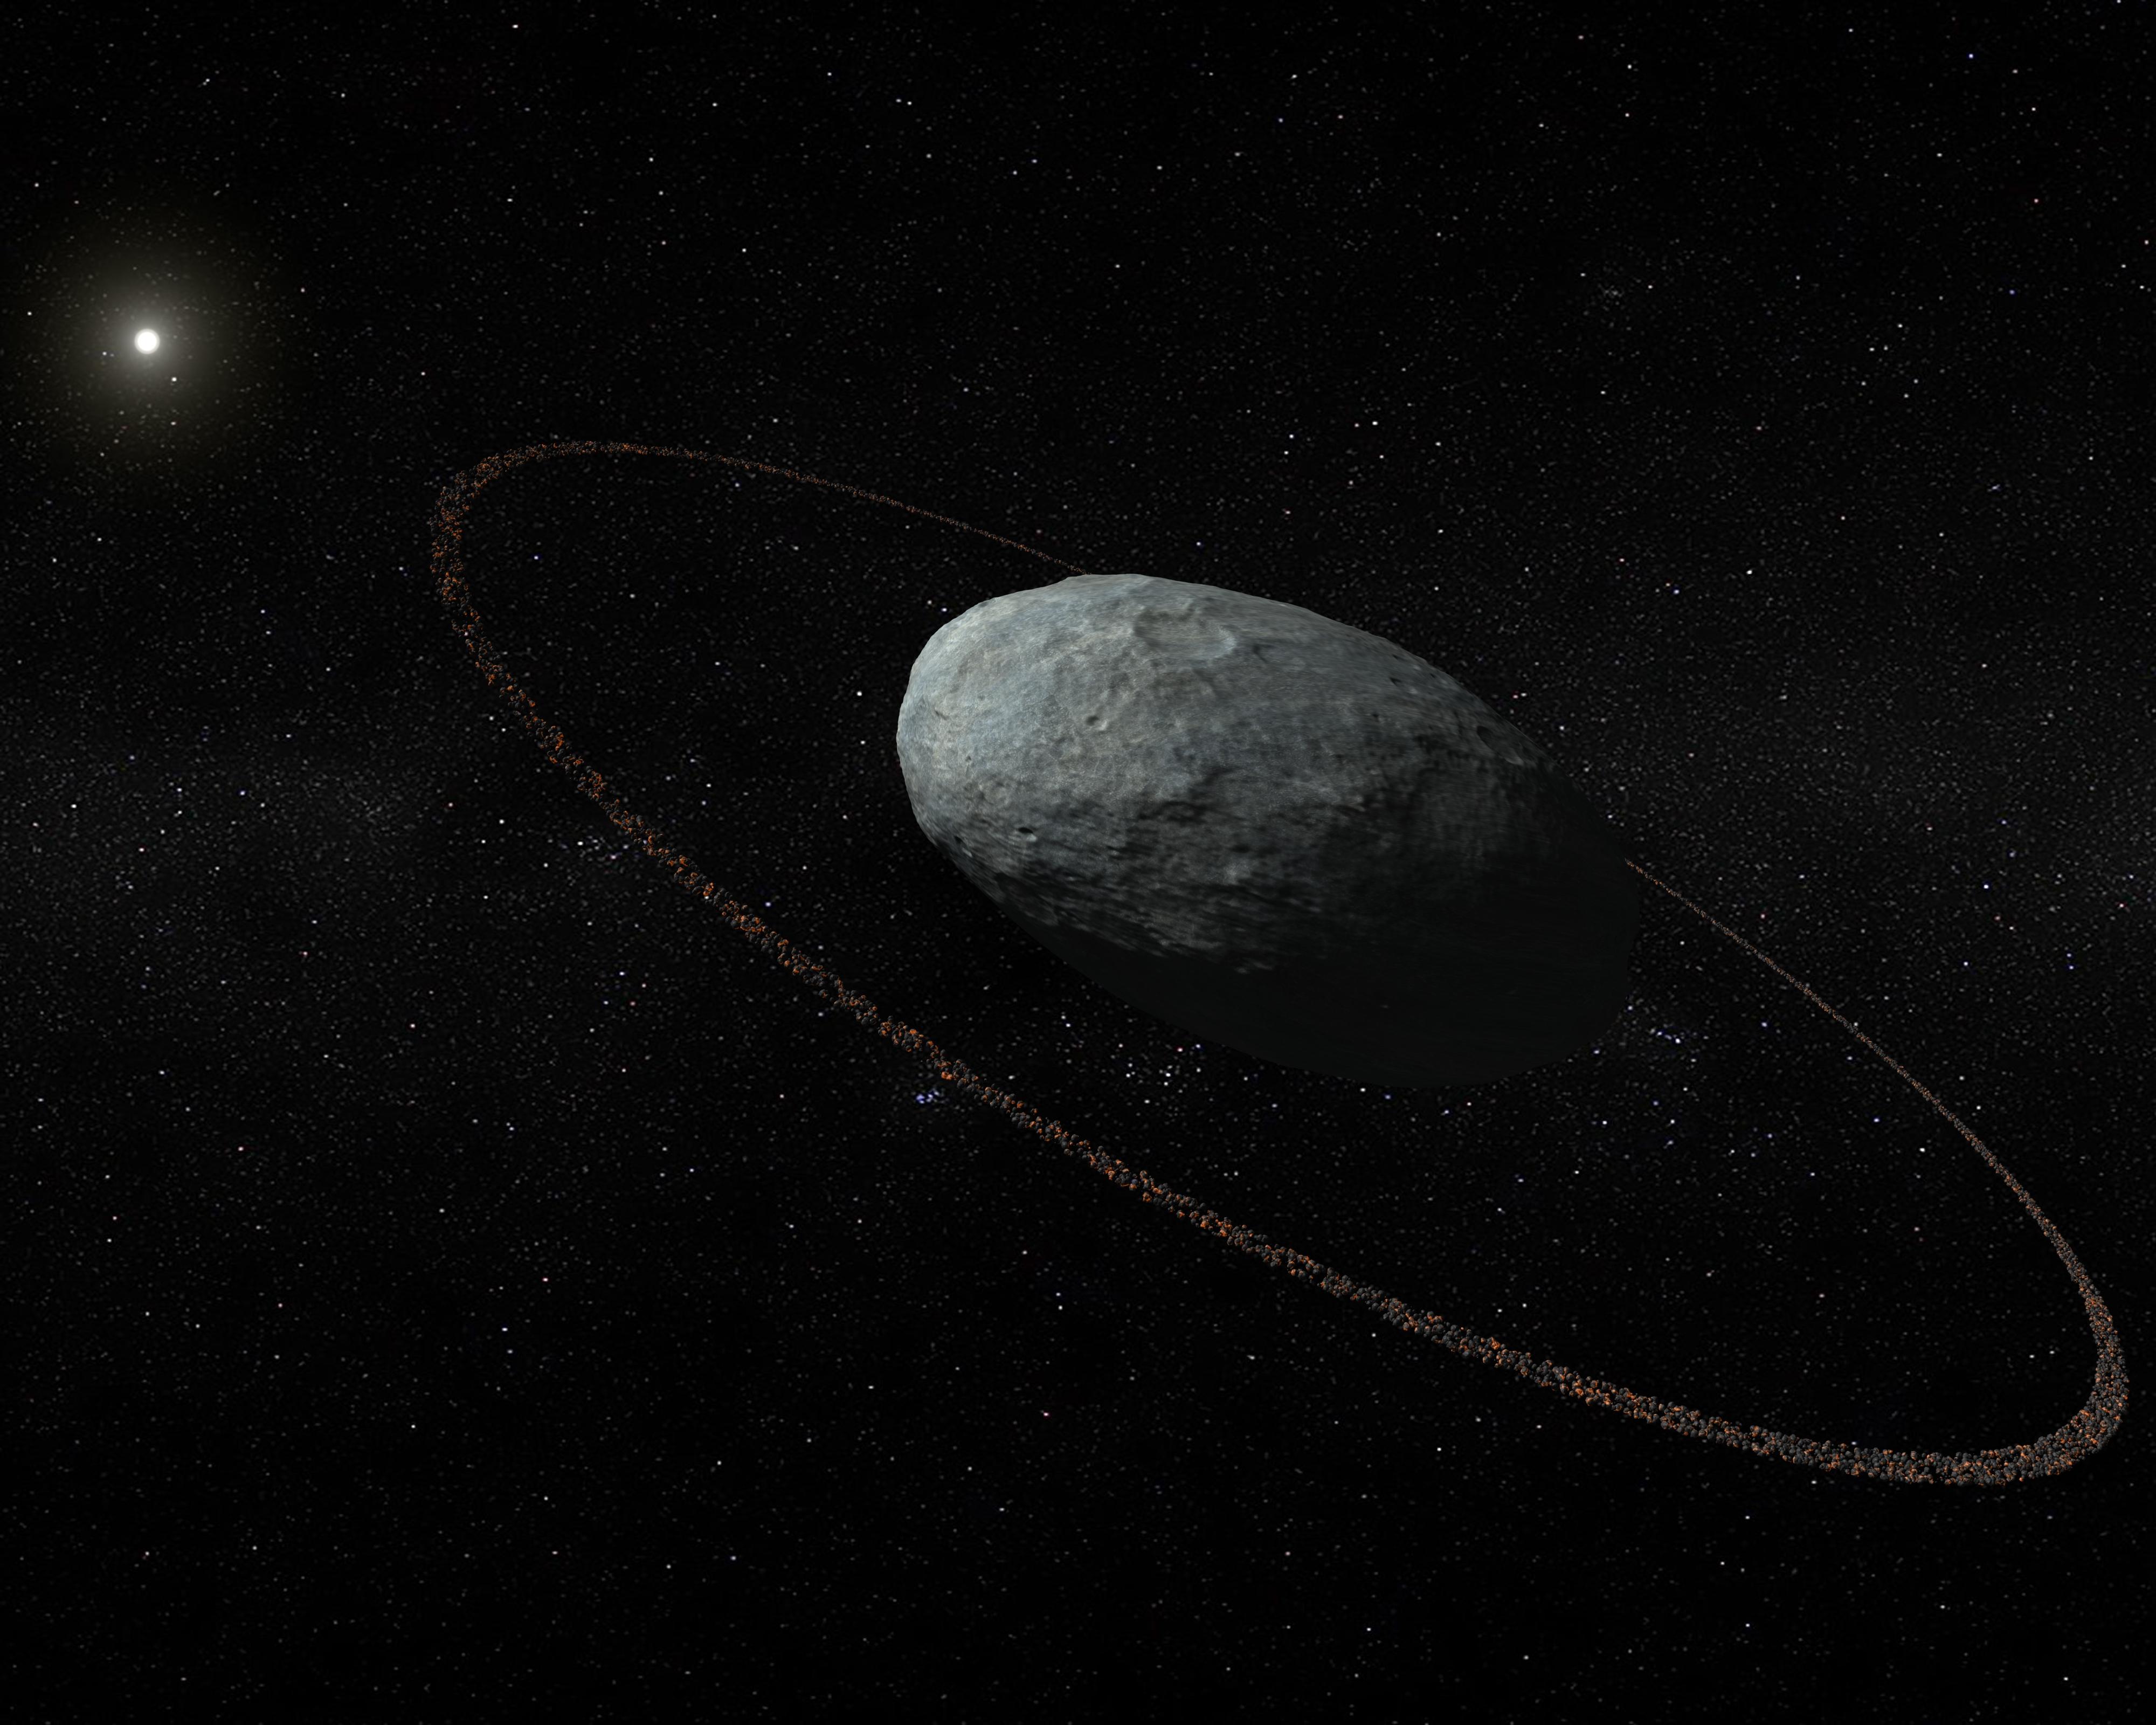 Haumea planeta bitxiak eraztuna du